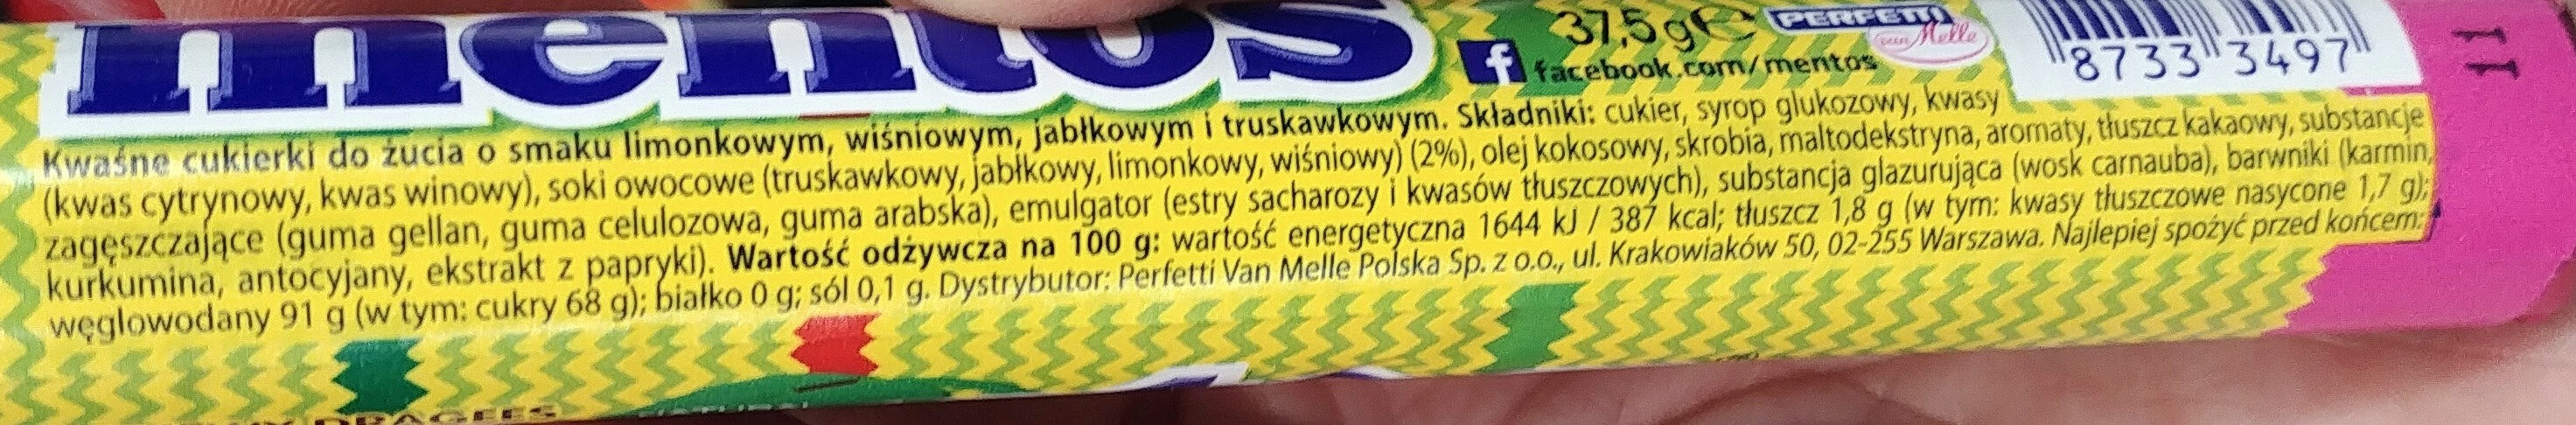 Kwaśne cukierki do żucia o smaku limonkowym, jabłkowym i truskawkowym - Informations nutritionnelles - pl